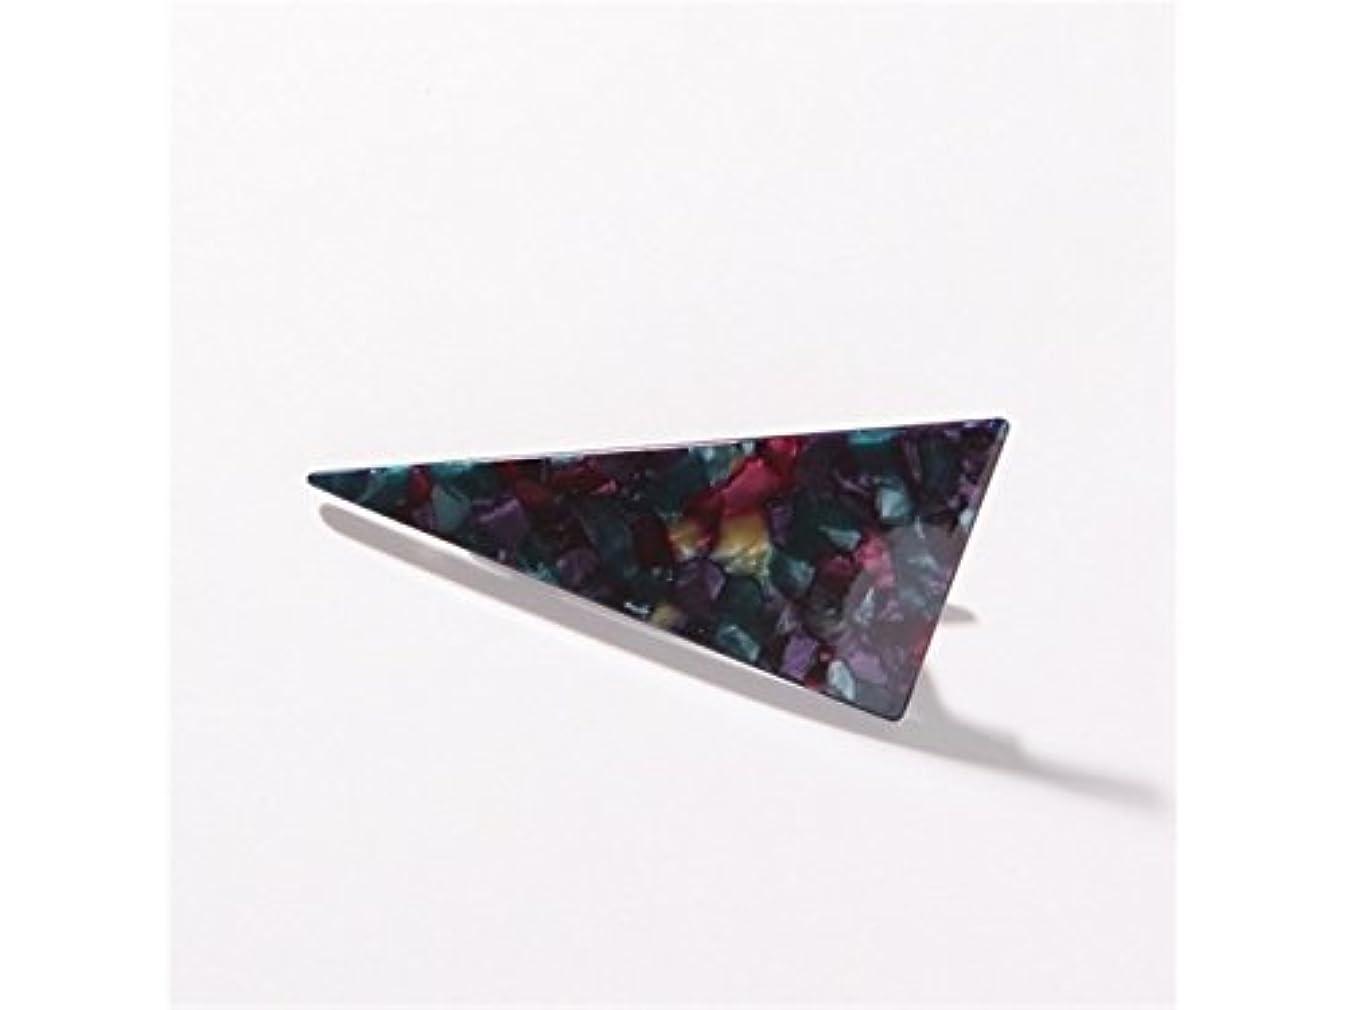 風オーロックさせるOsize 美しいスタイル 大理石の三角ステッチ大人のヘアクリップダックビルクリップヘアアクセサリー(ブラック)